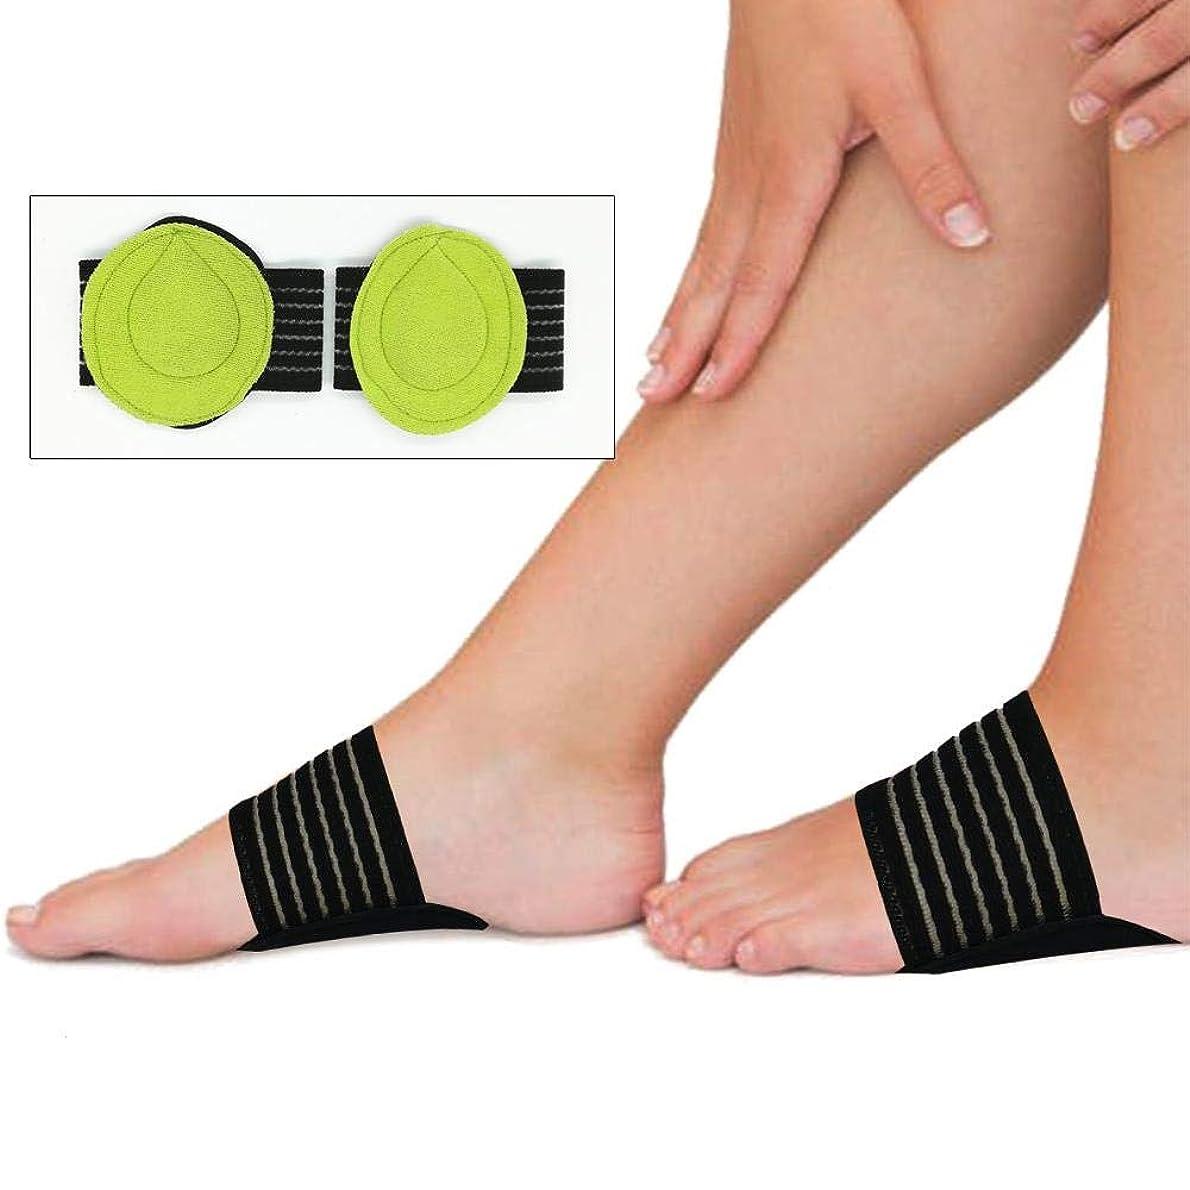 スロープオフネックレス足底筋膜炎のための2対のクッション付き圧縮アーチサポート倒れたアーチヒールスプリアスフラットとアーチーの足の問題(ワンサイズ)